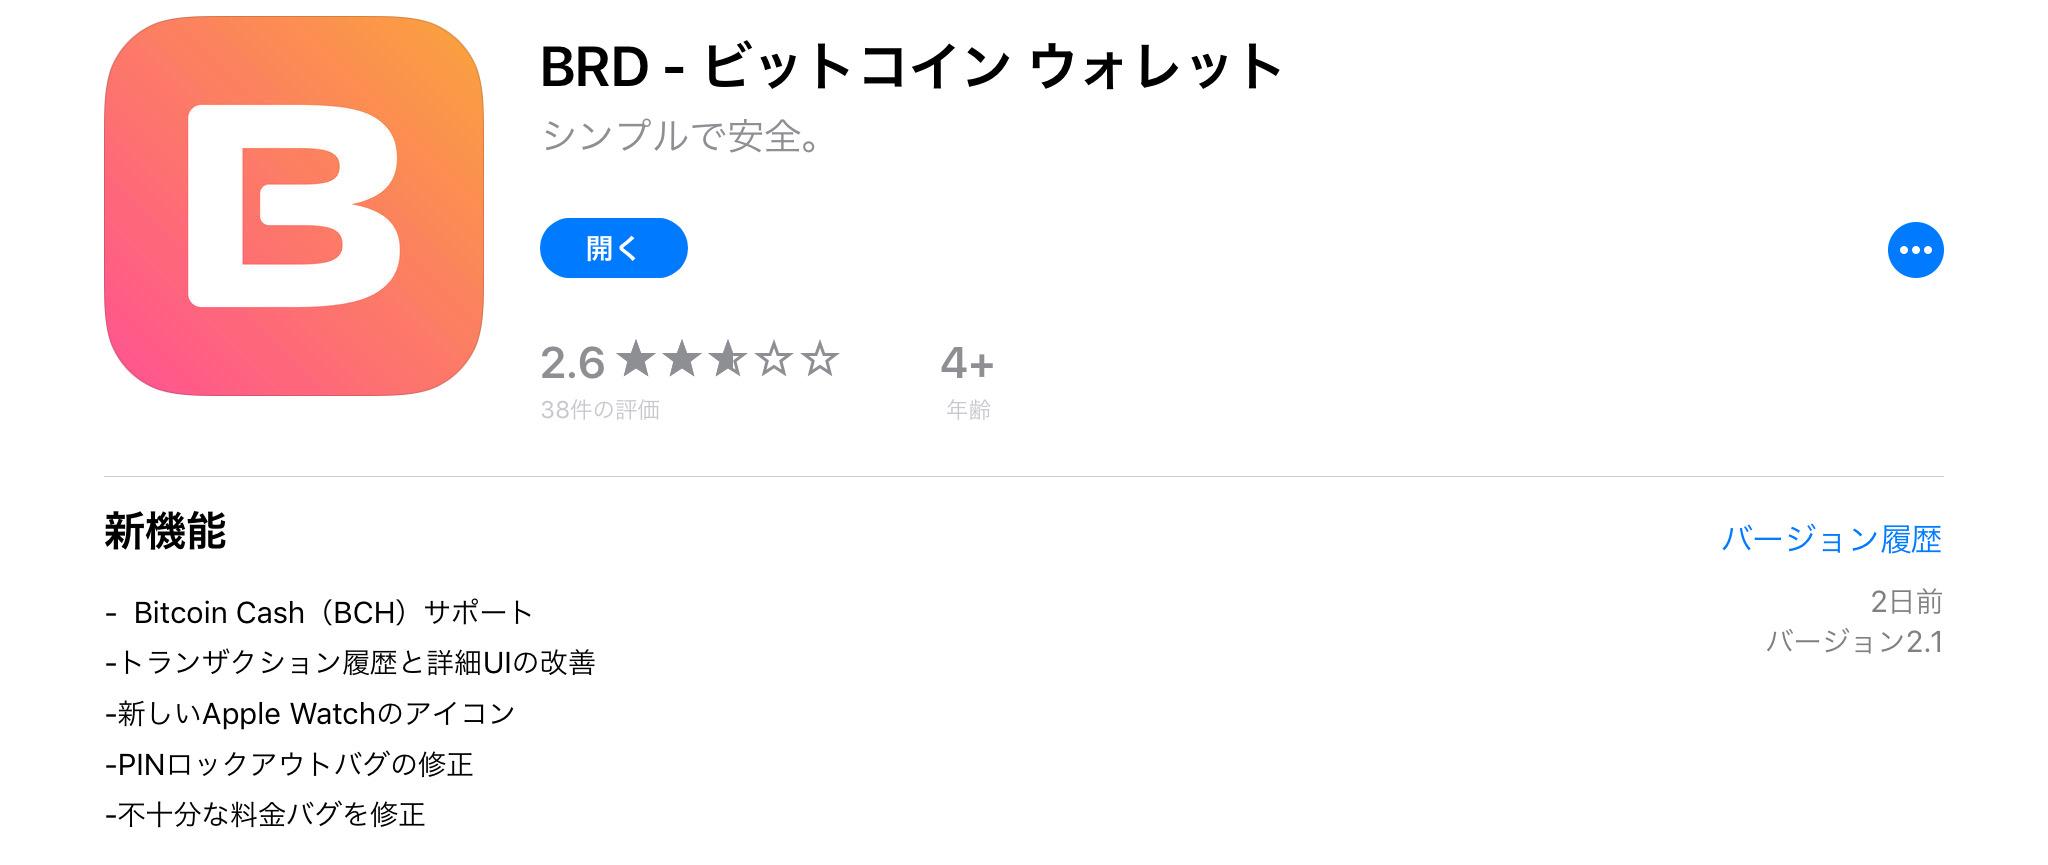 BRD app